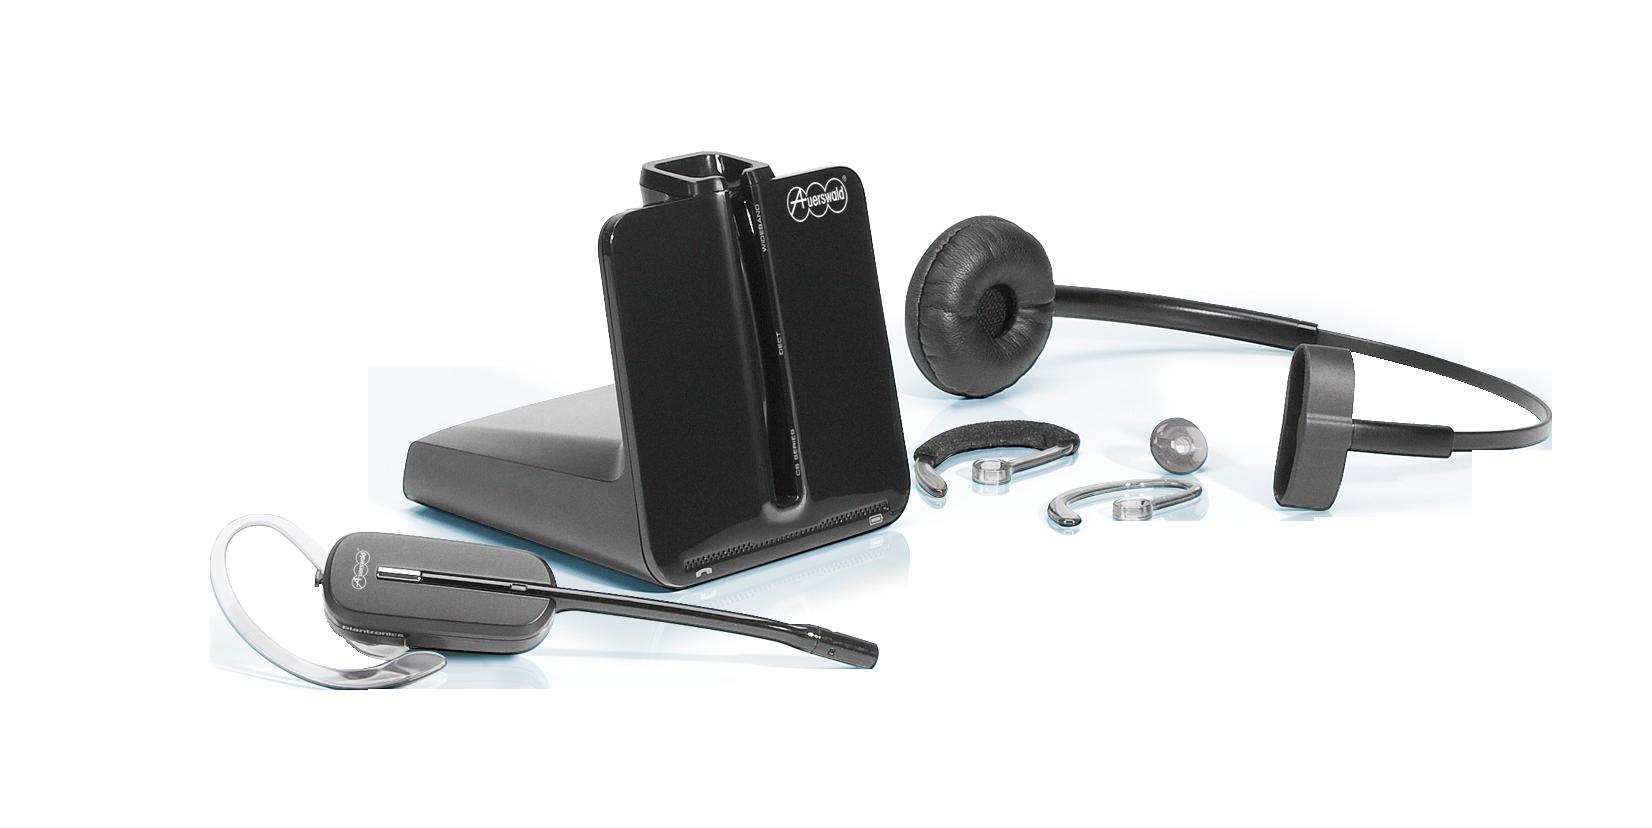 COMfortel DECT Headset | Auerswald Shop | 36 Monate Garantie